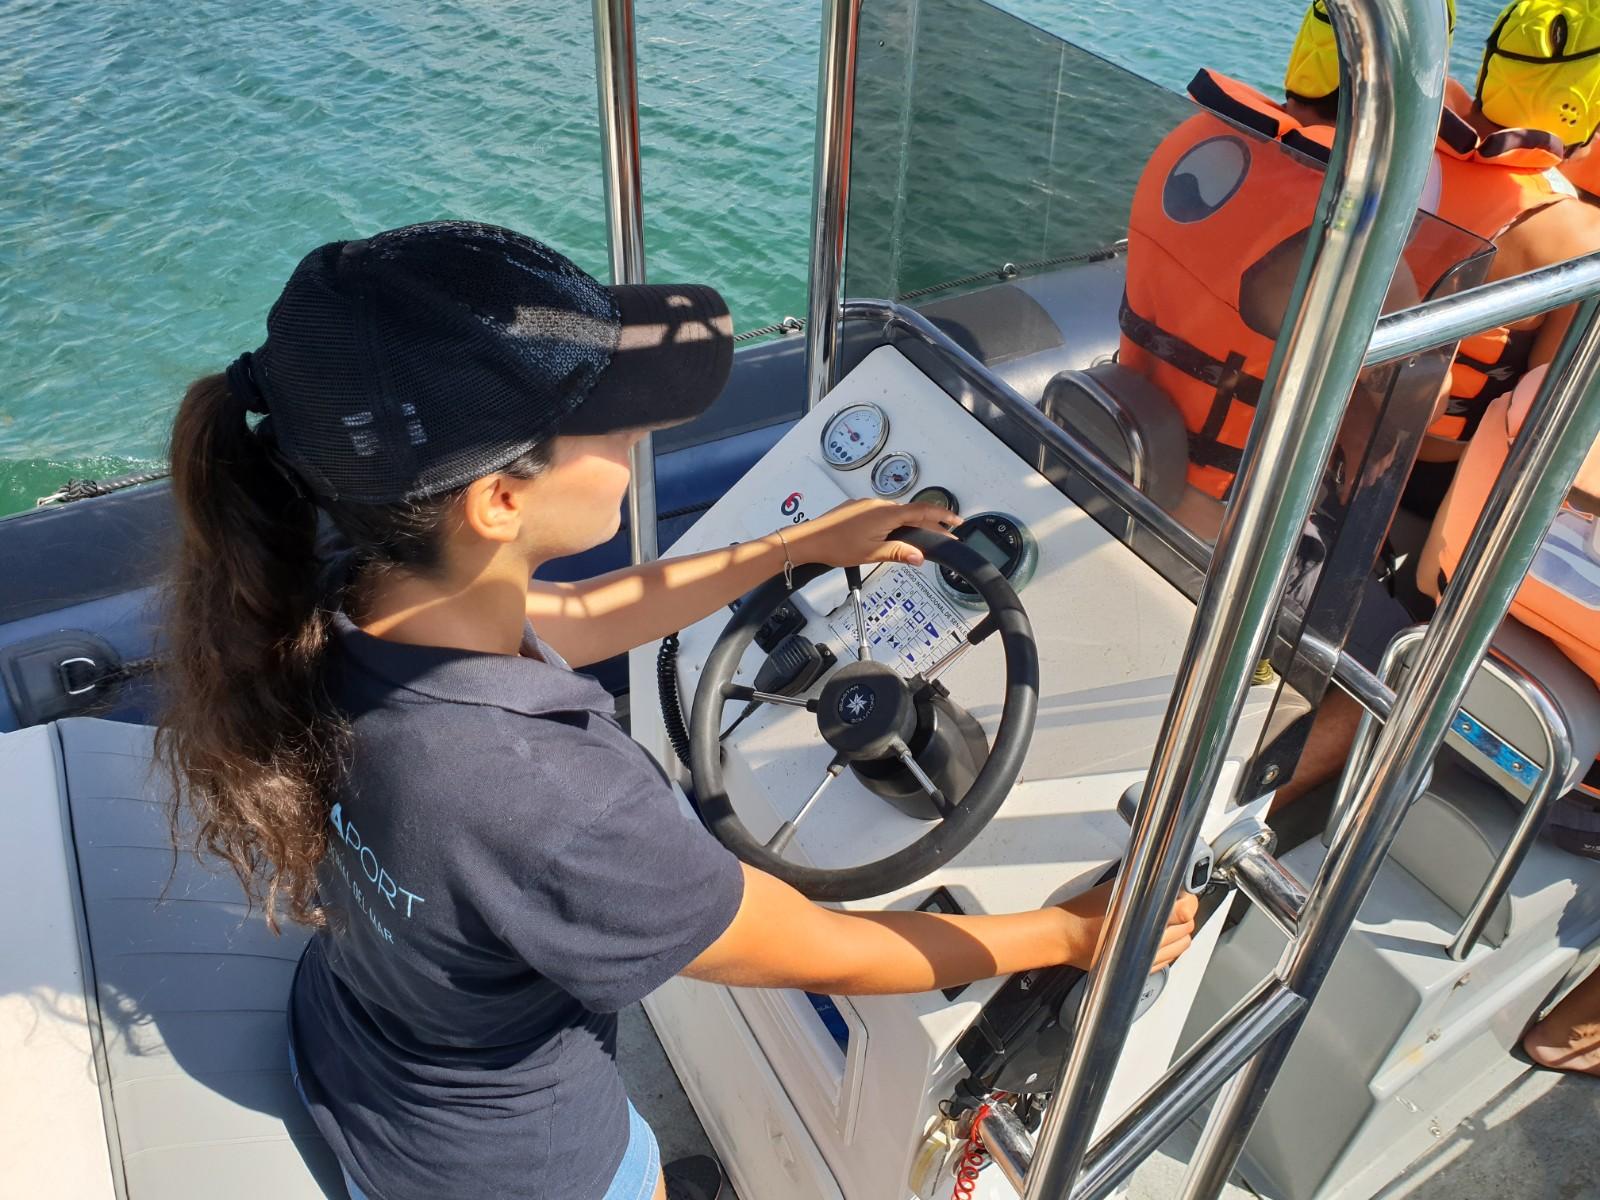 Mujeres al timón: participa, gana un curso de navegación y cuenta tu experiencia.